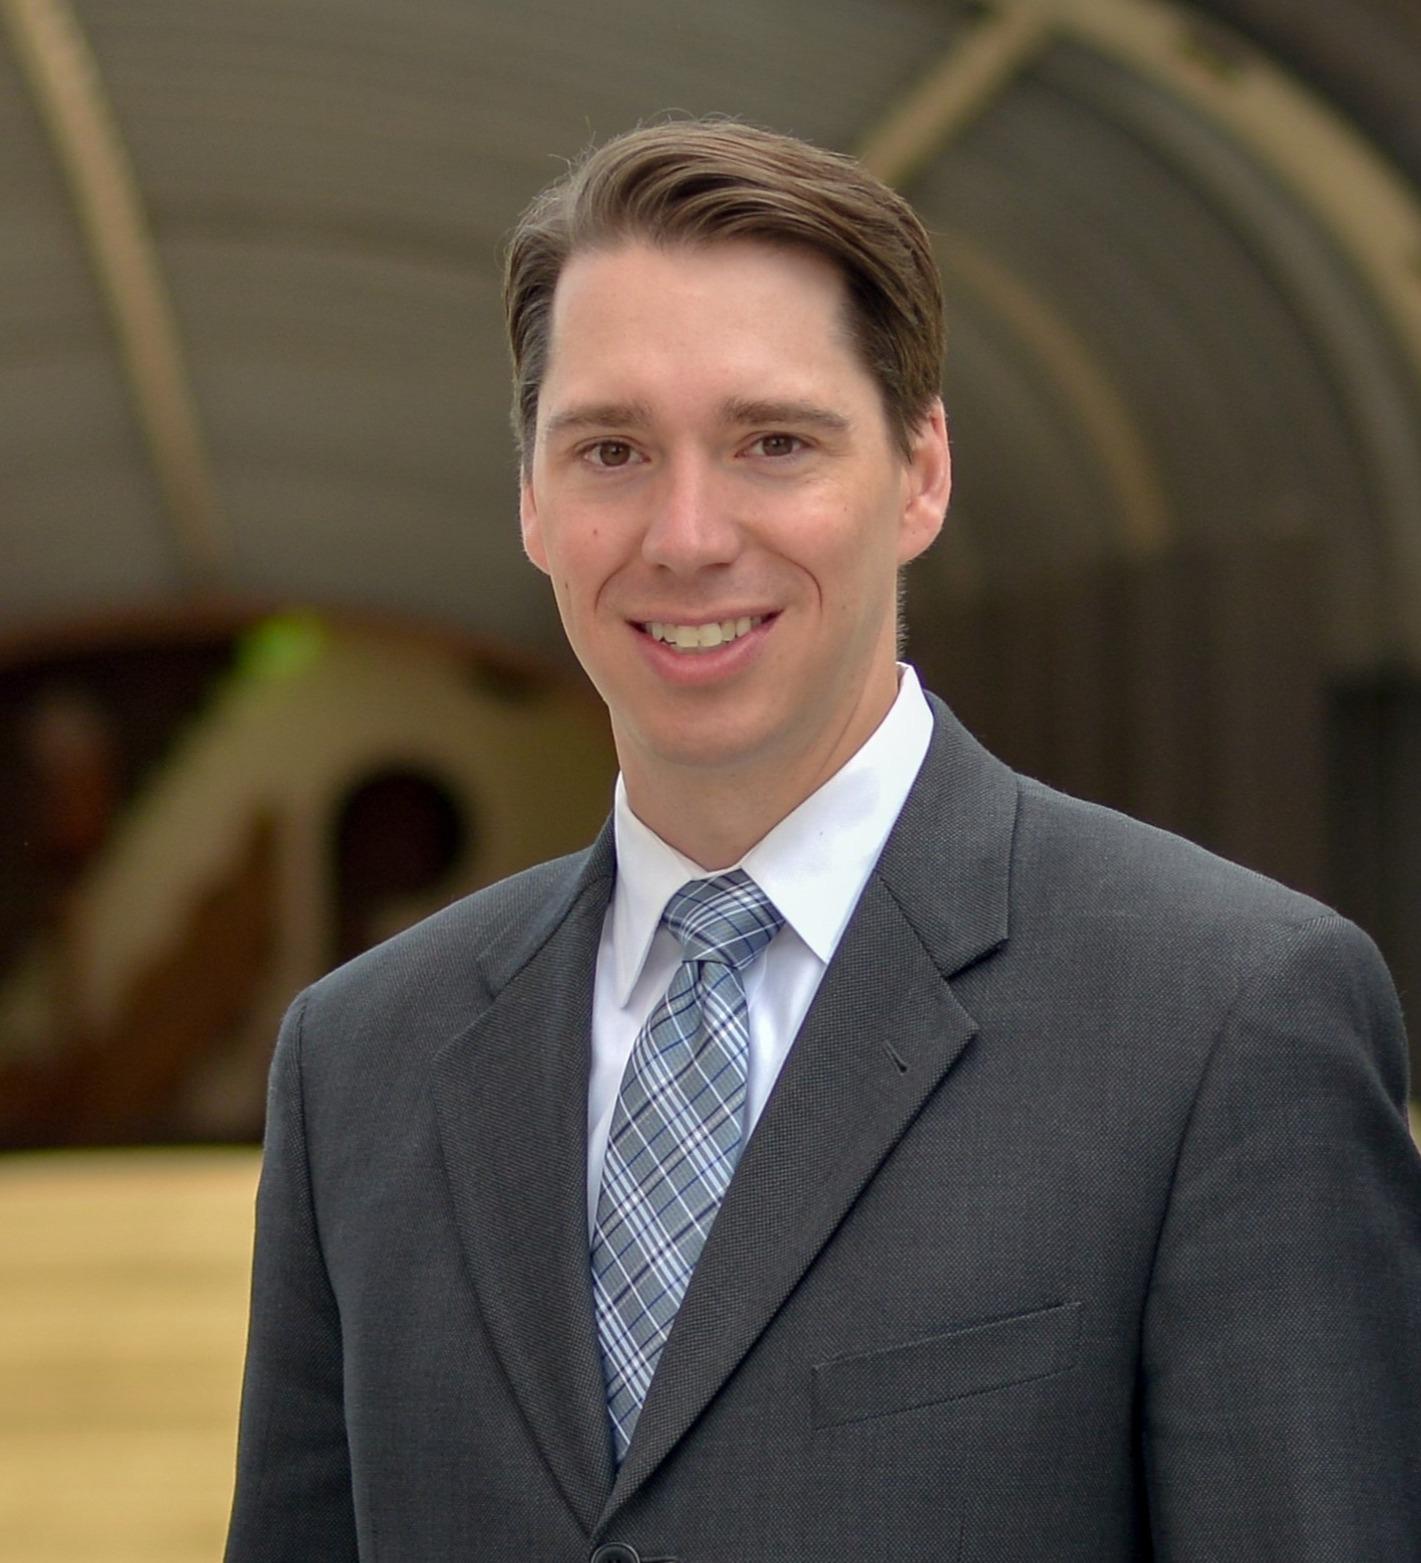 Michael Schmeltzer's Profile Image